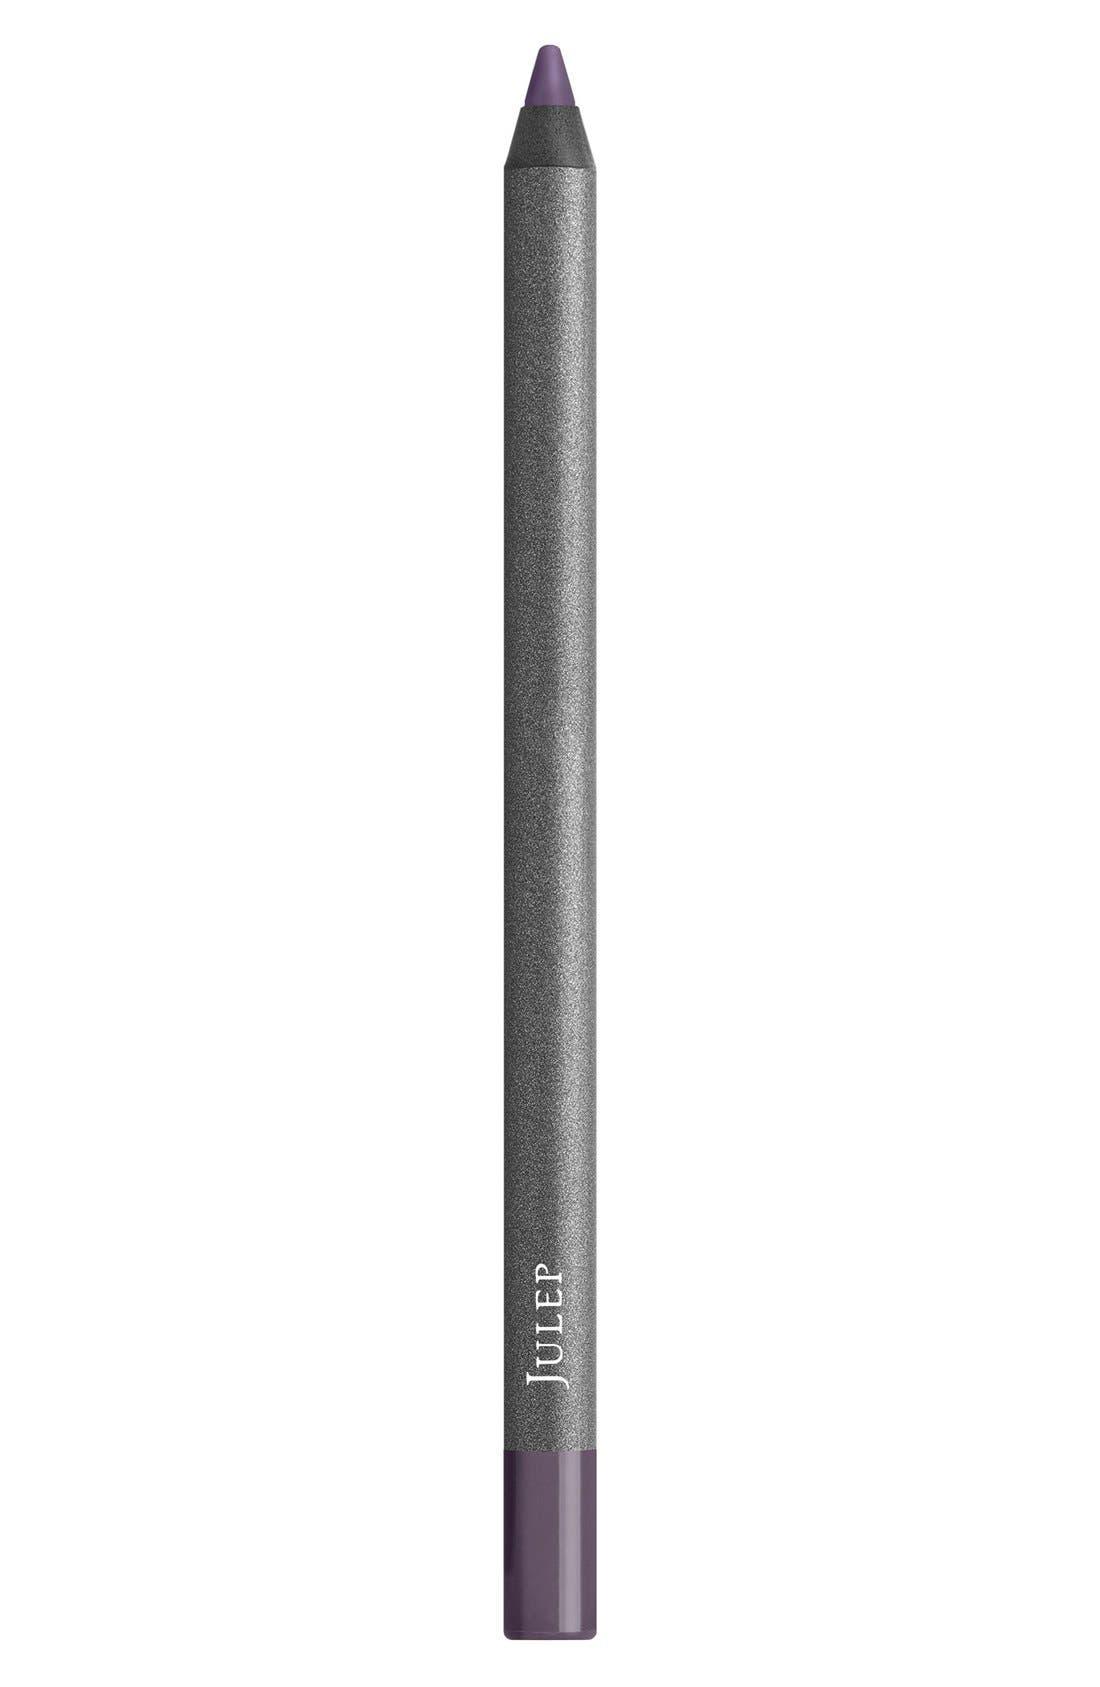 Julep(TM) When Pencil Met Gel Long-Lasting Eyeliner - Smoky Plum